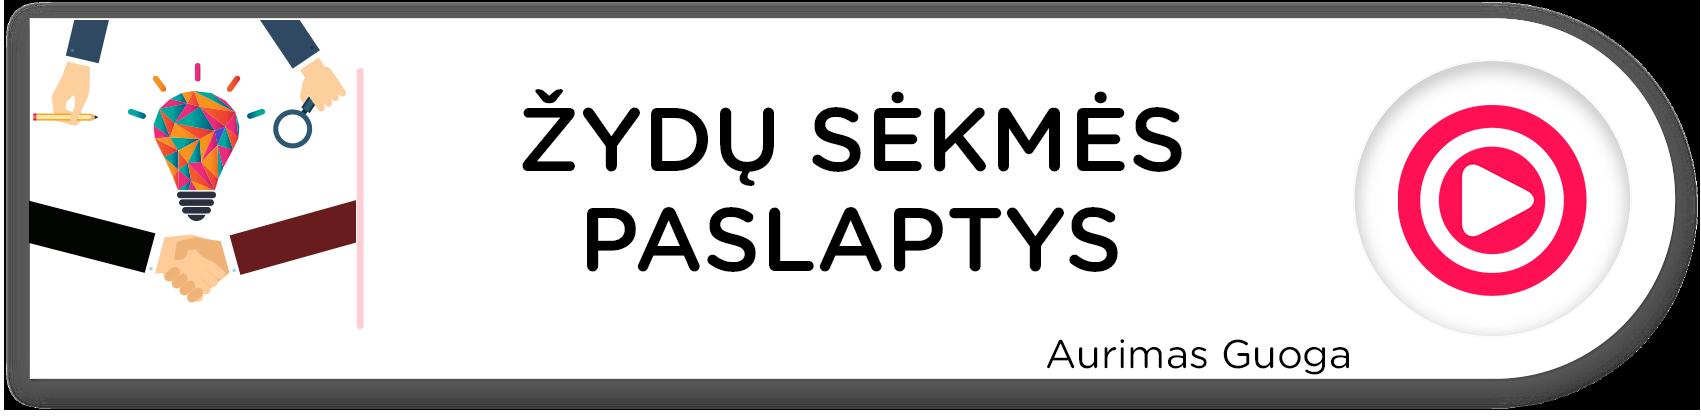 zydu-sekmes